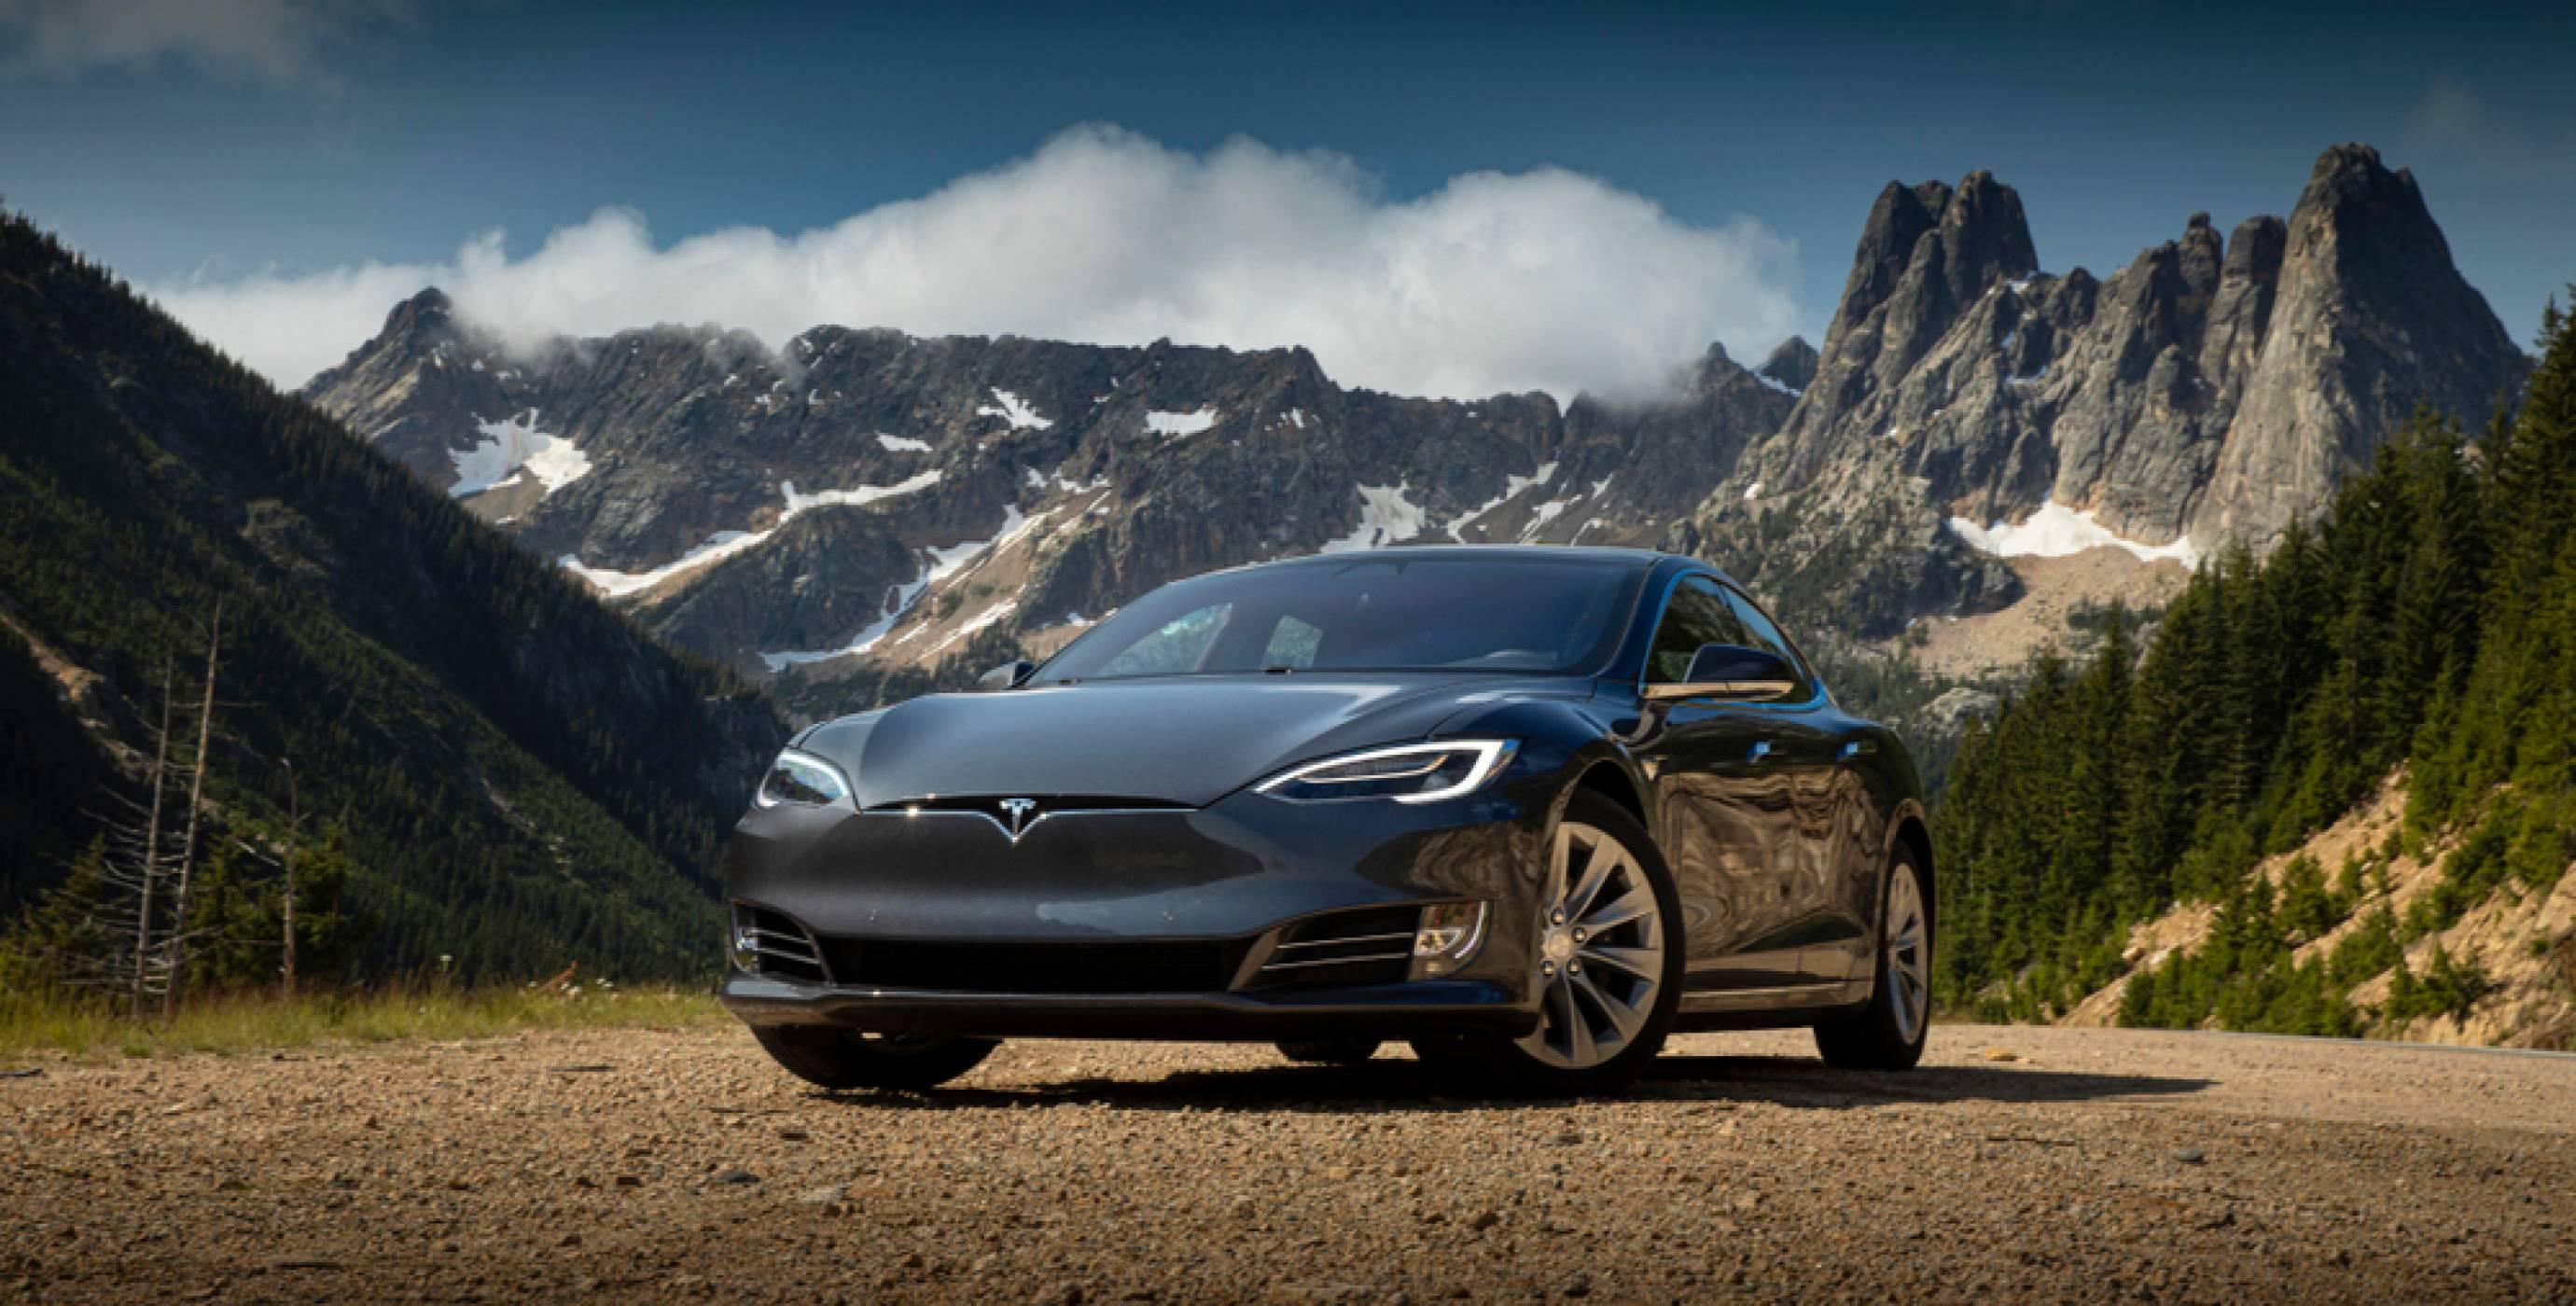 Европа постави неочаквано ниска оценка на самоуправляващата се система на Tesla Model 3